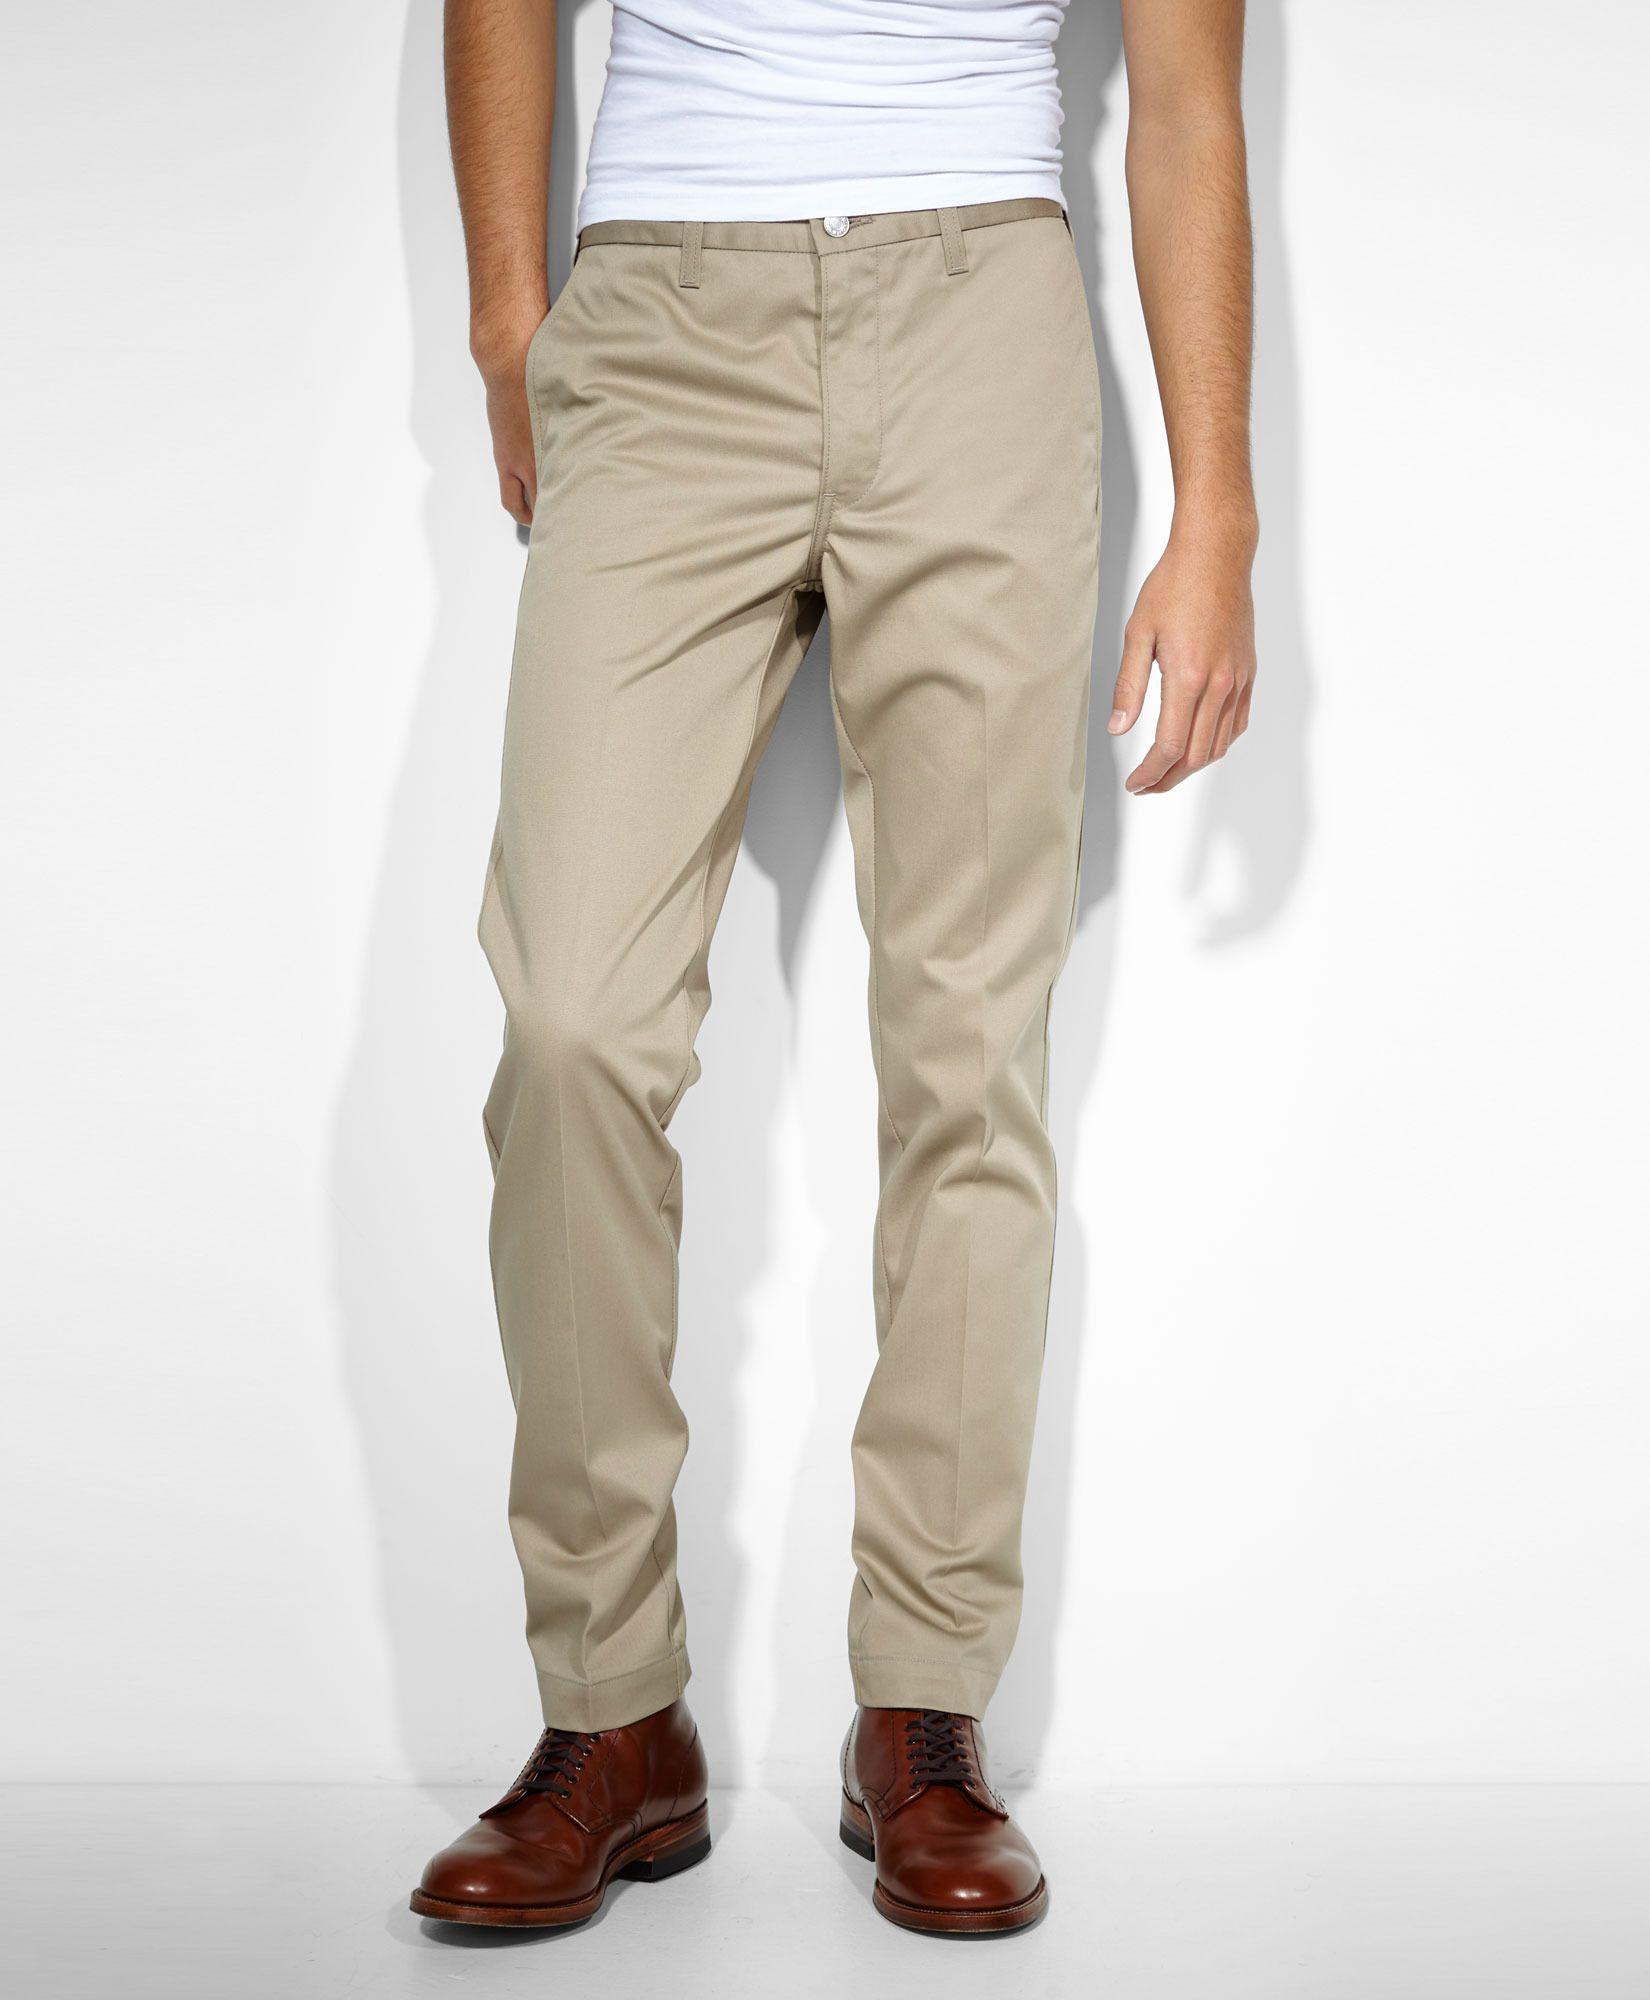 Levis 511 slim fit staprest khaki men jeans pants